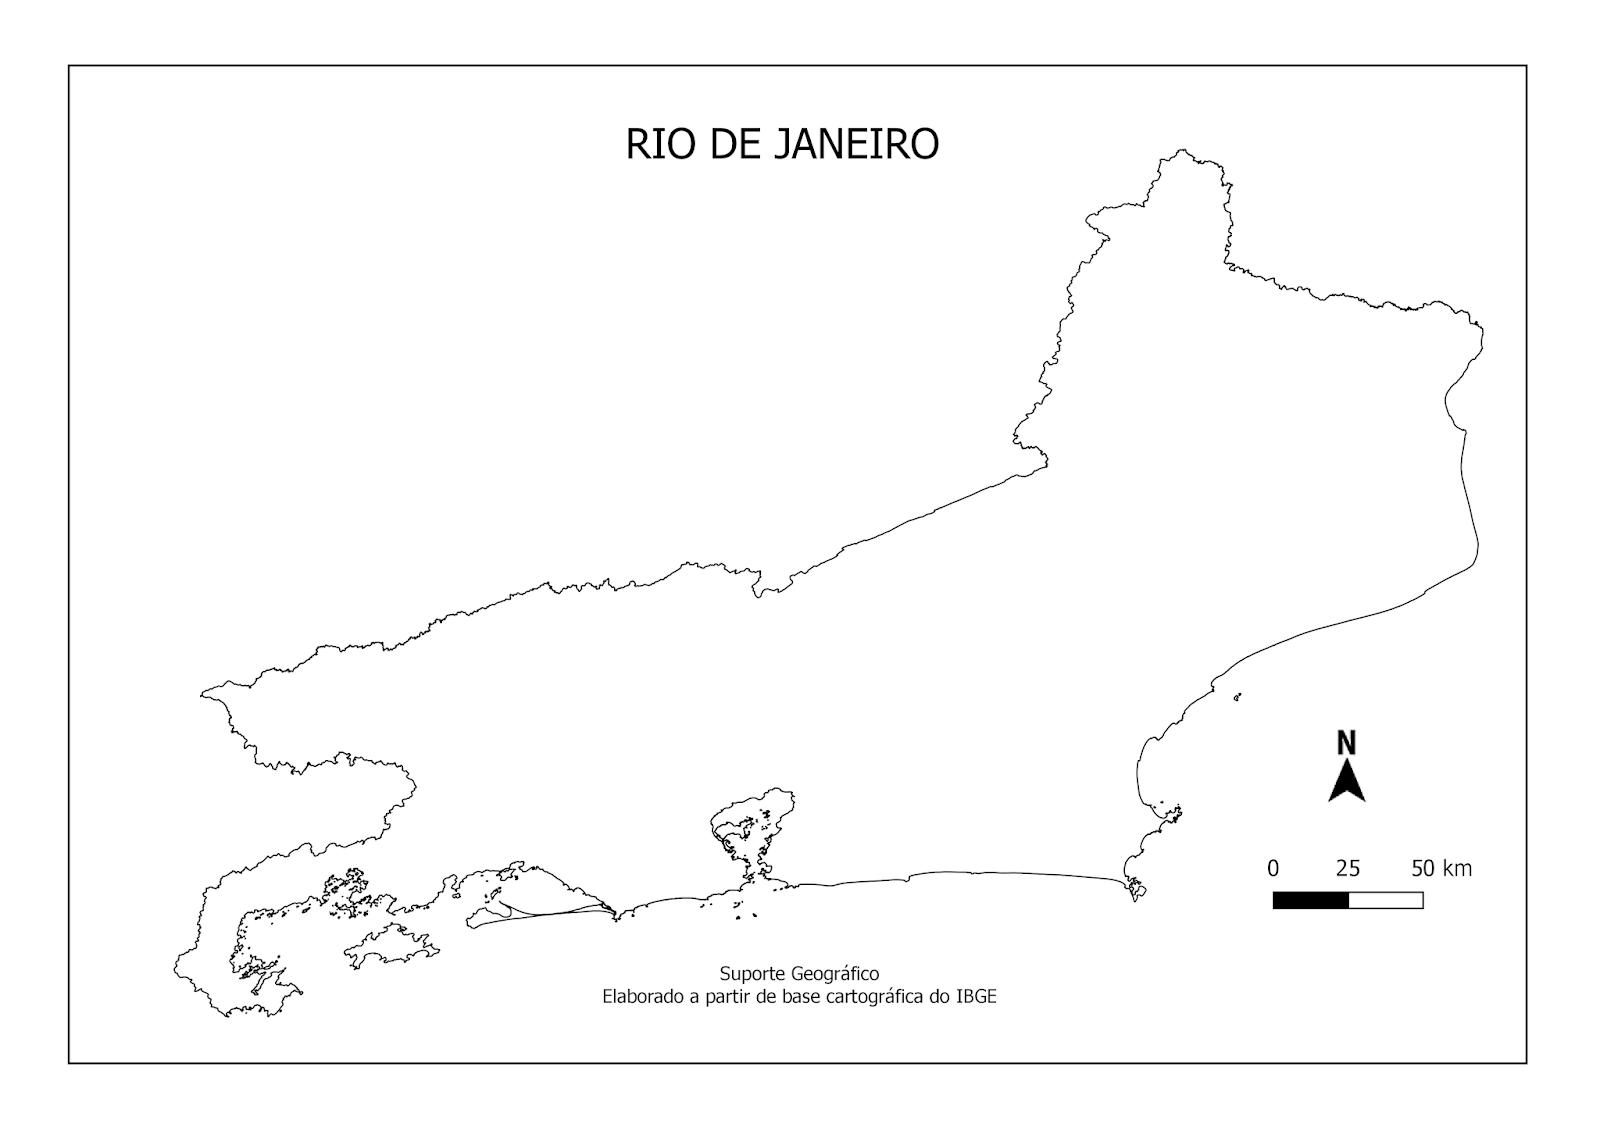 Rio De Janeiro Mapa Png.Mapas Para Colorir Rio De Janeiro Suporte Geografico